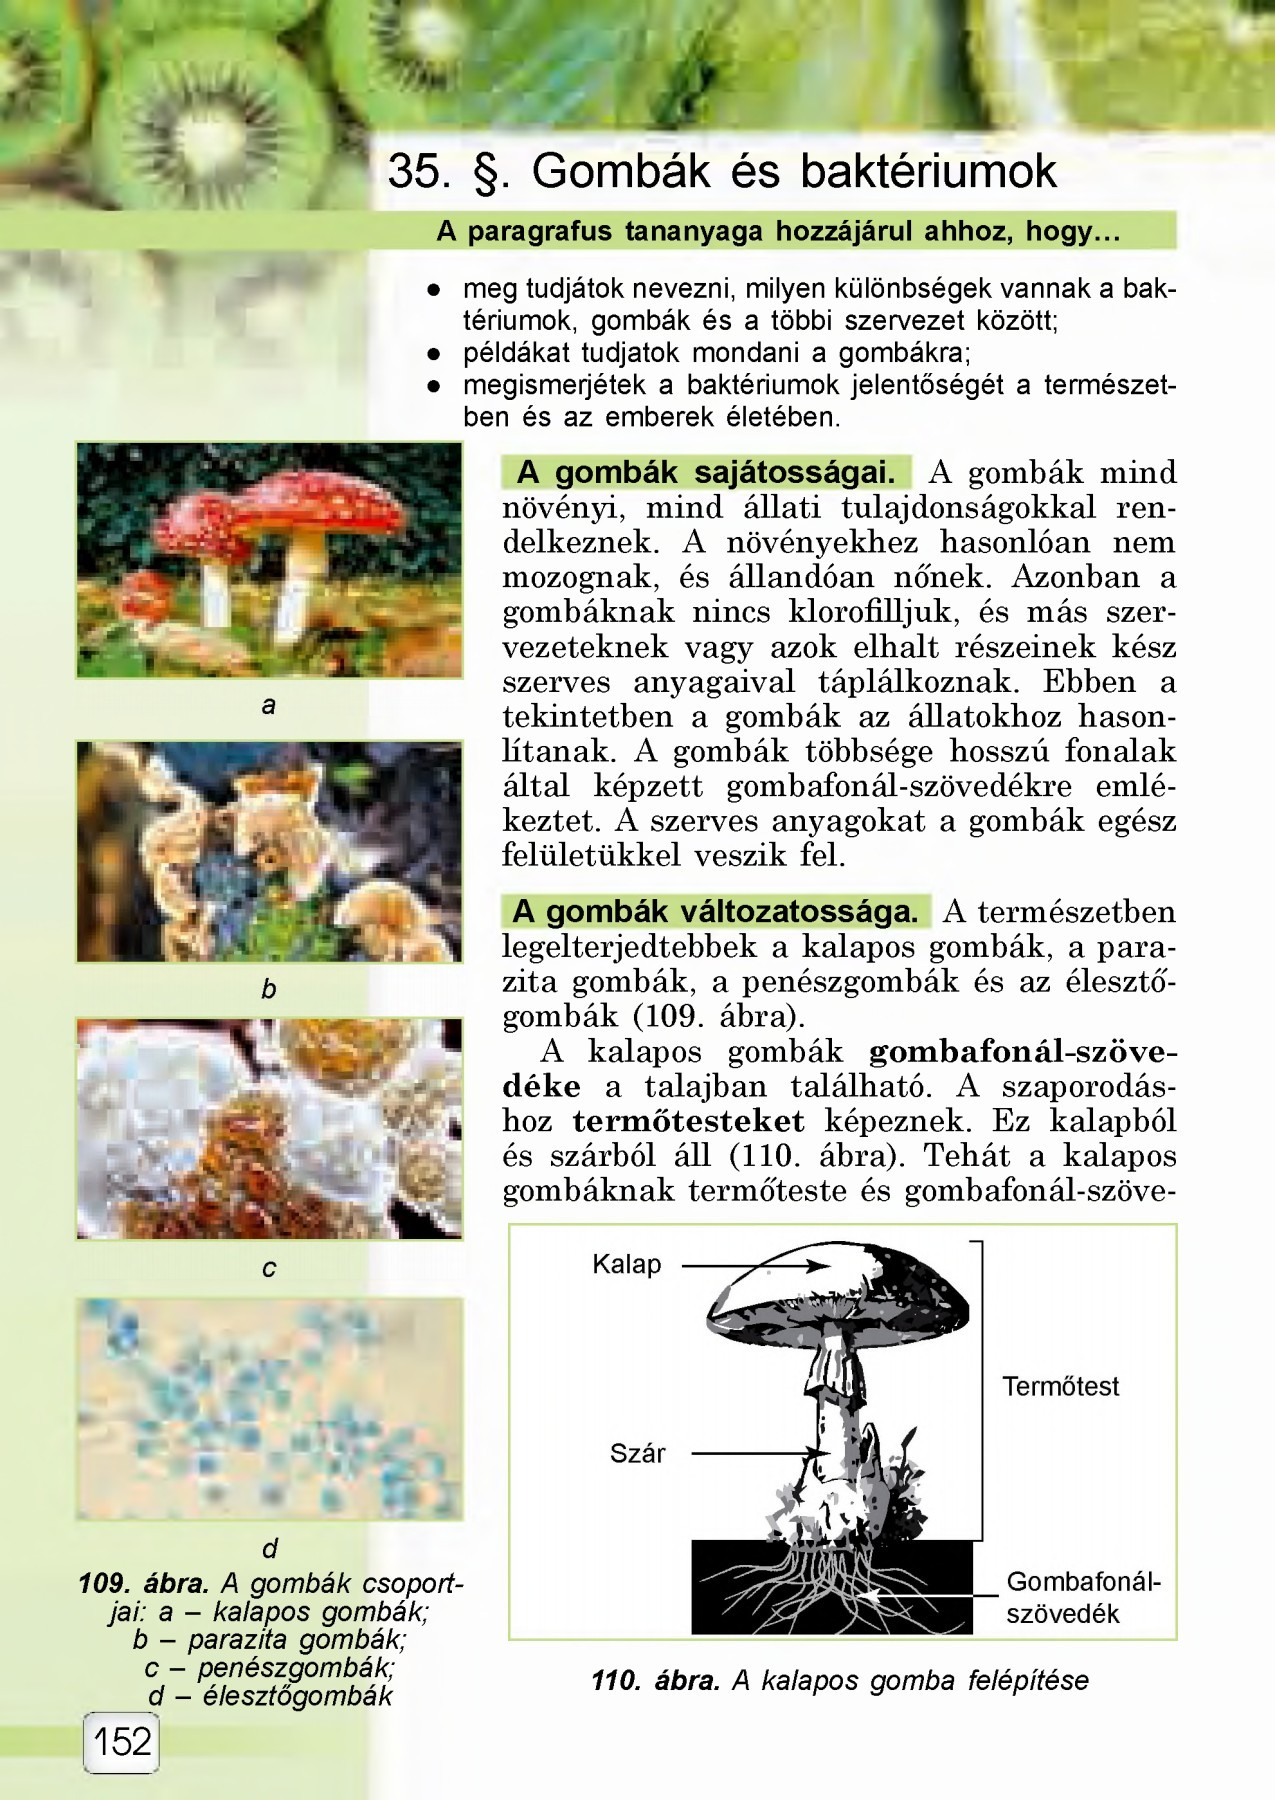 Parazita-puhatestűek: példák. Mik azok a kagyló paraziták?